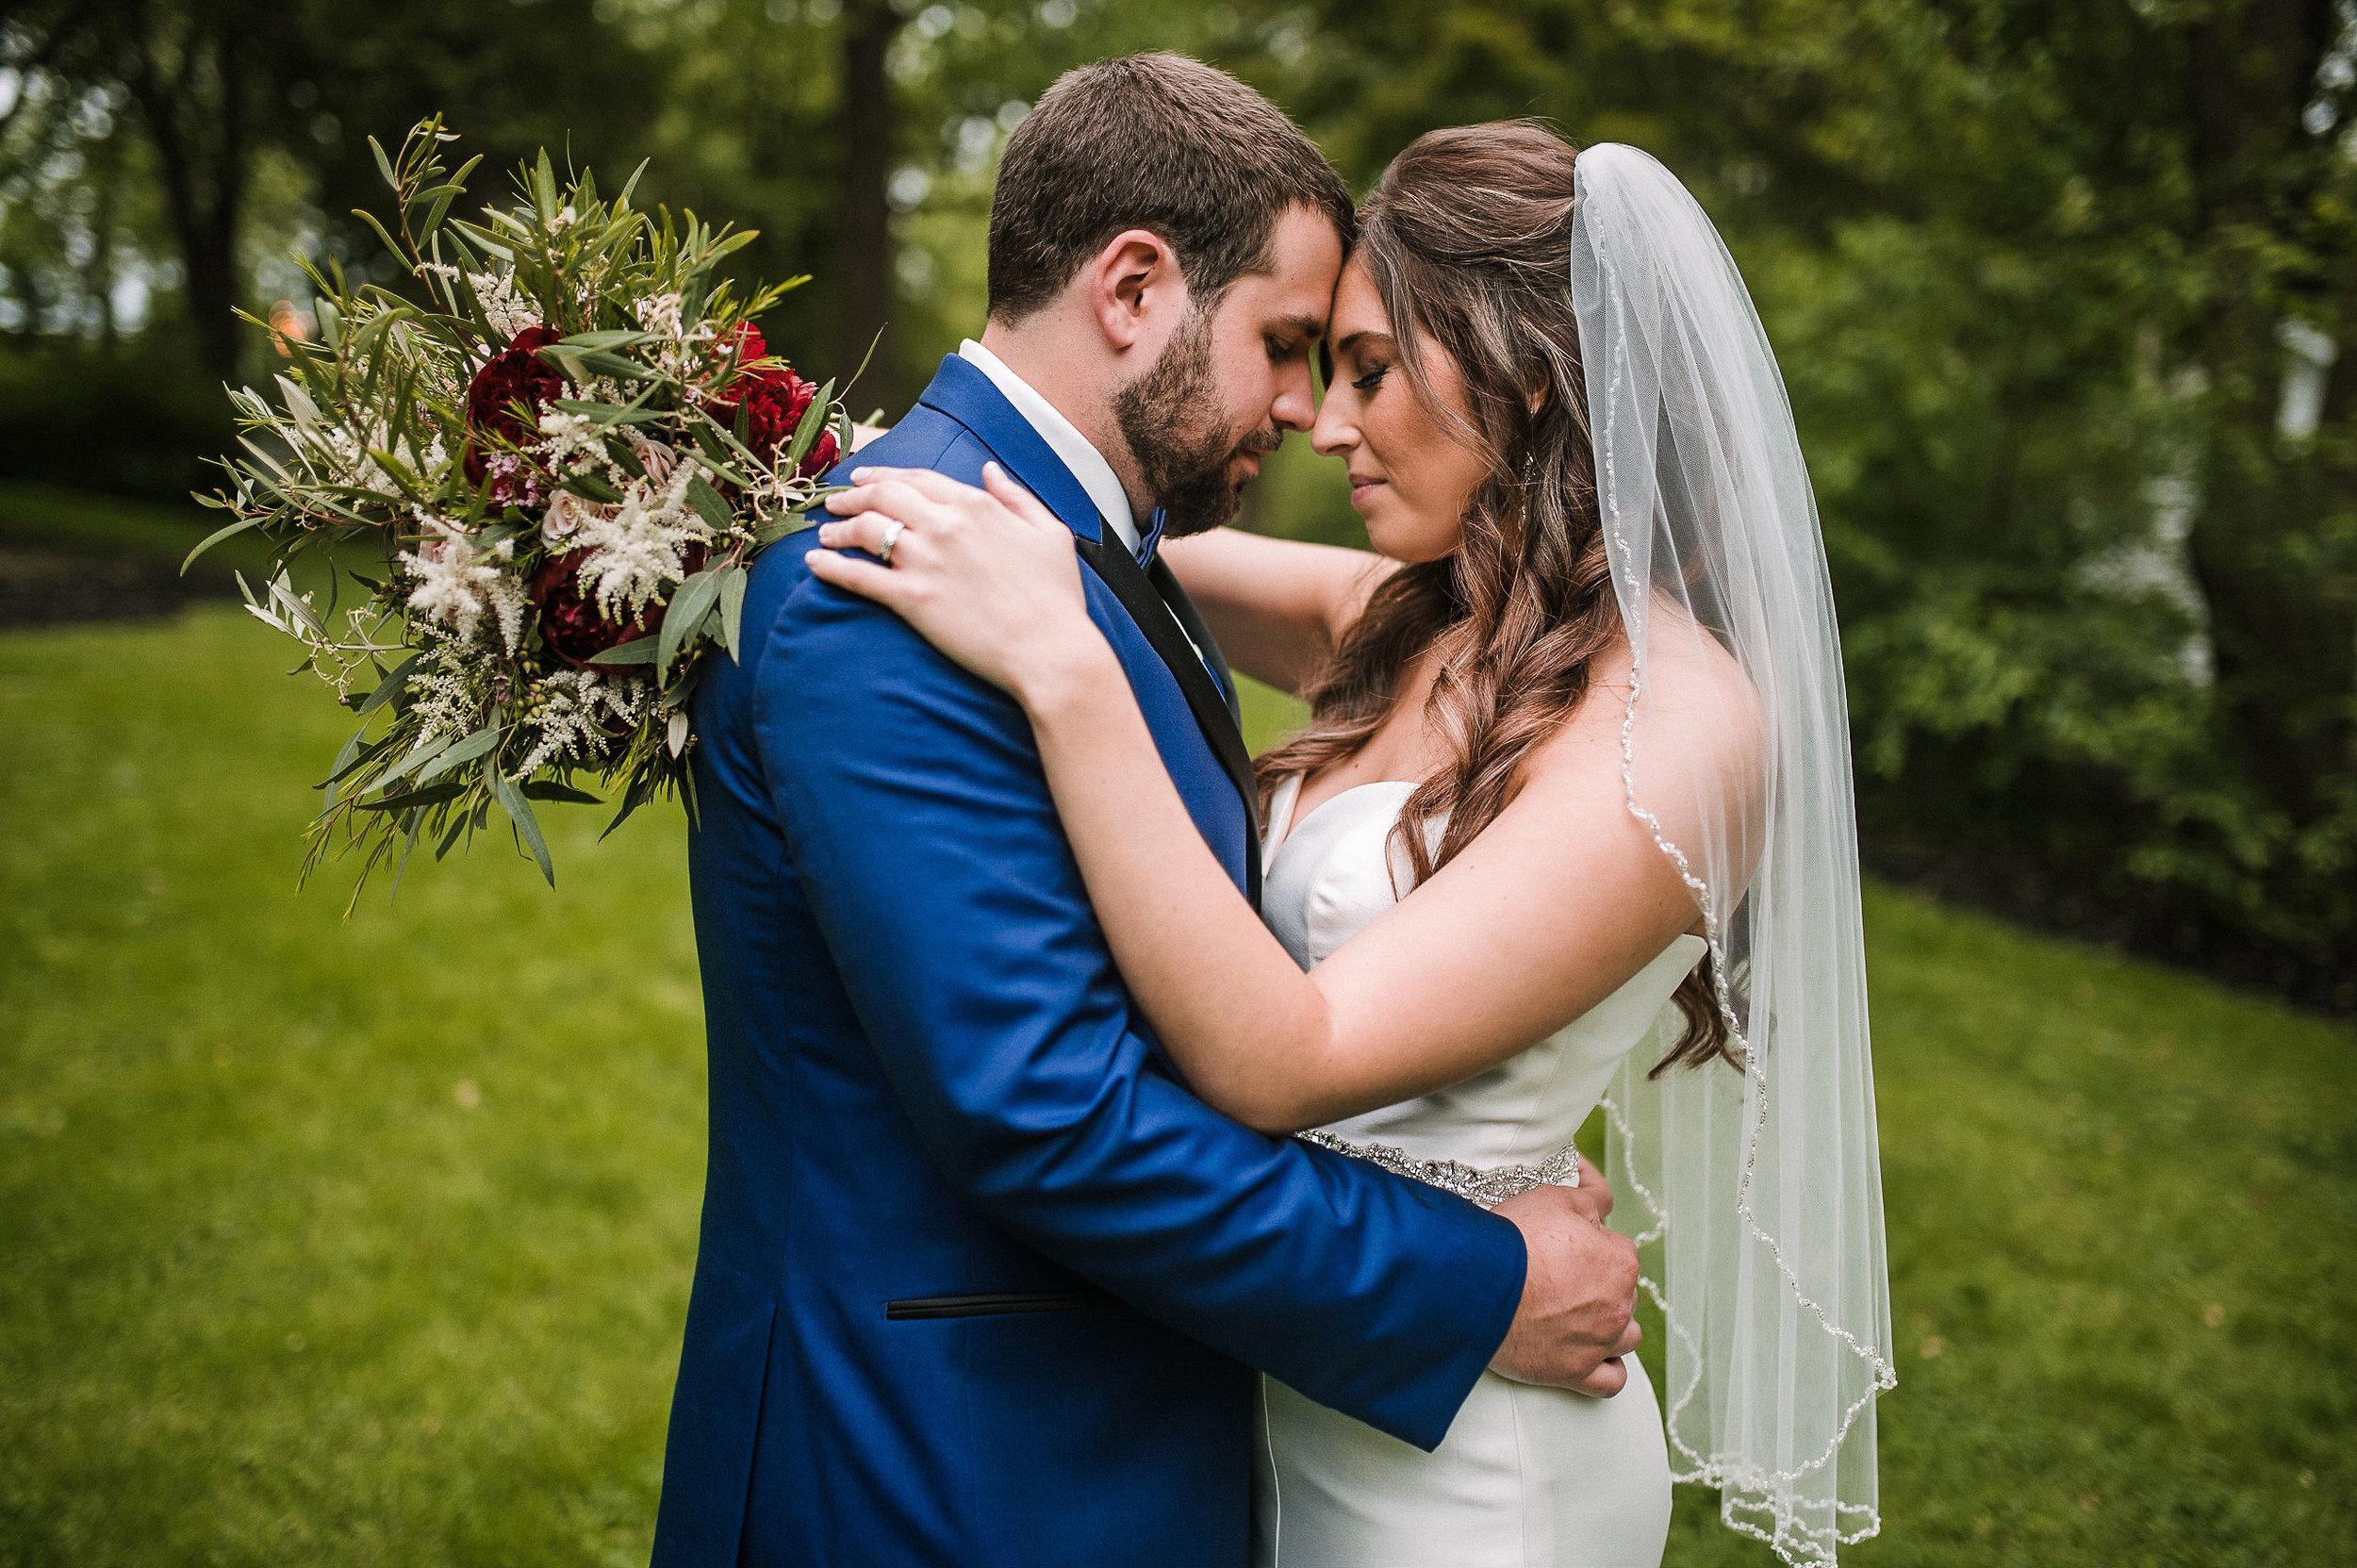 bride and groom embracing at Seasons at Magnolia Manor